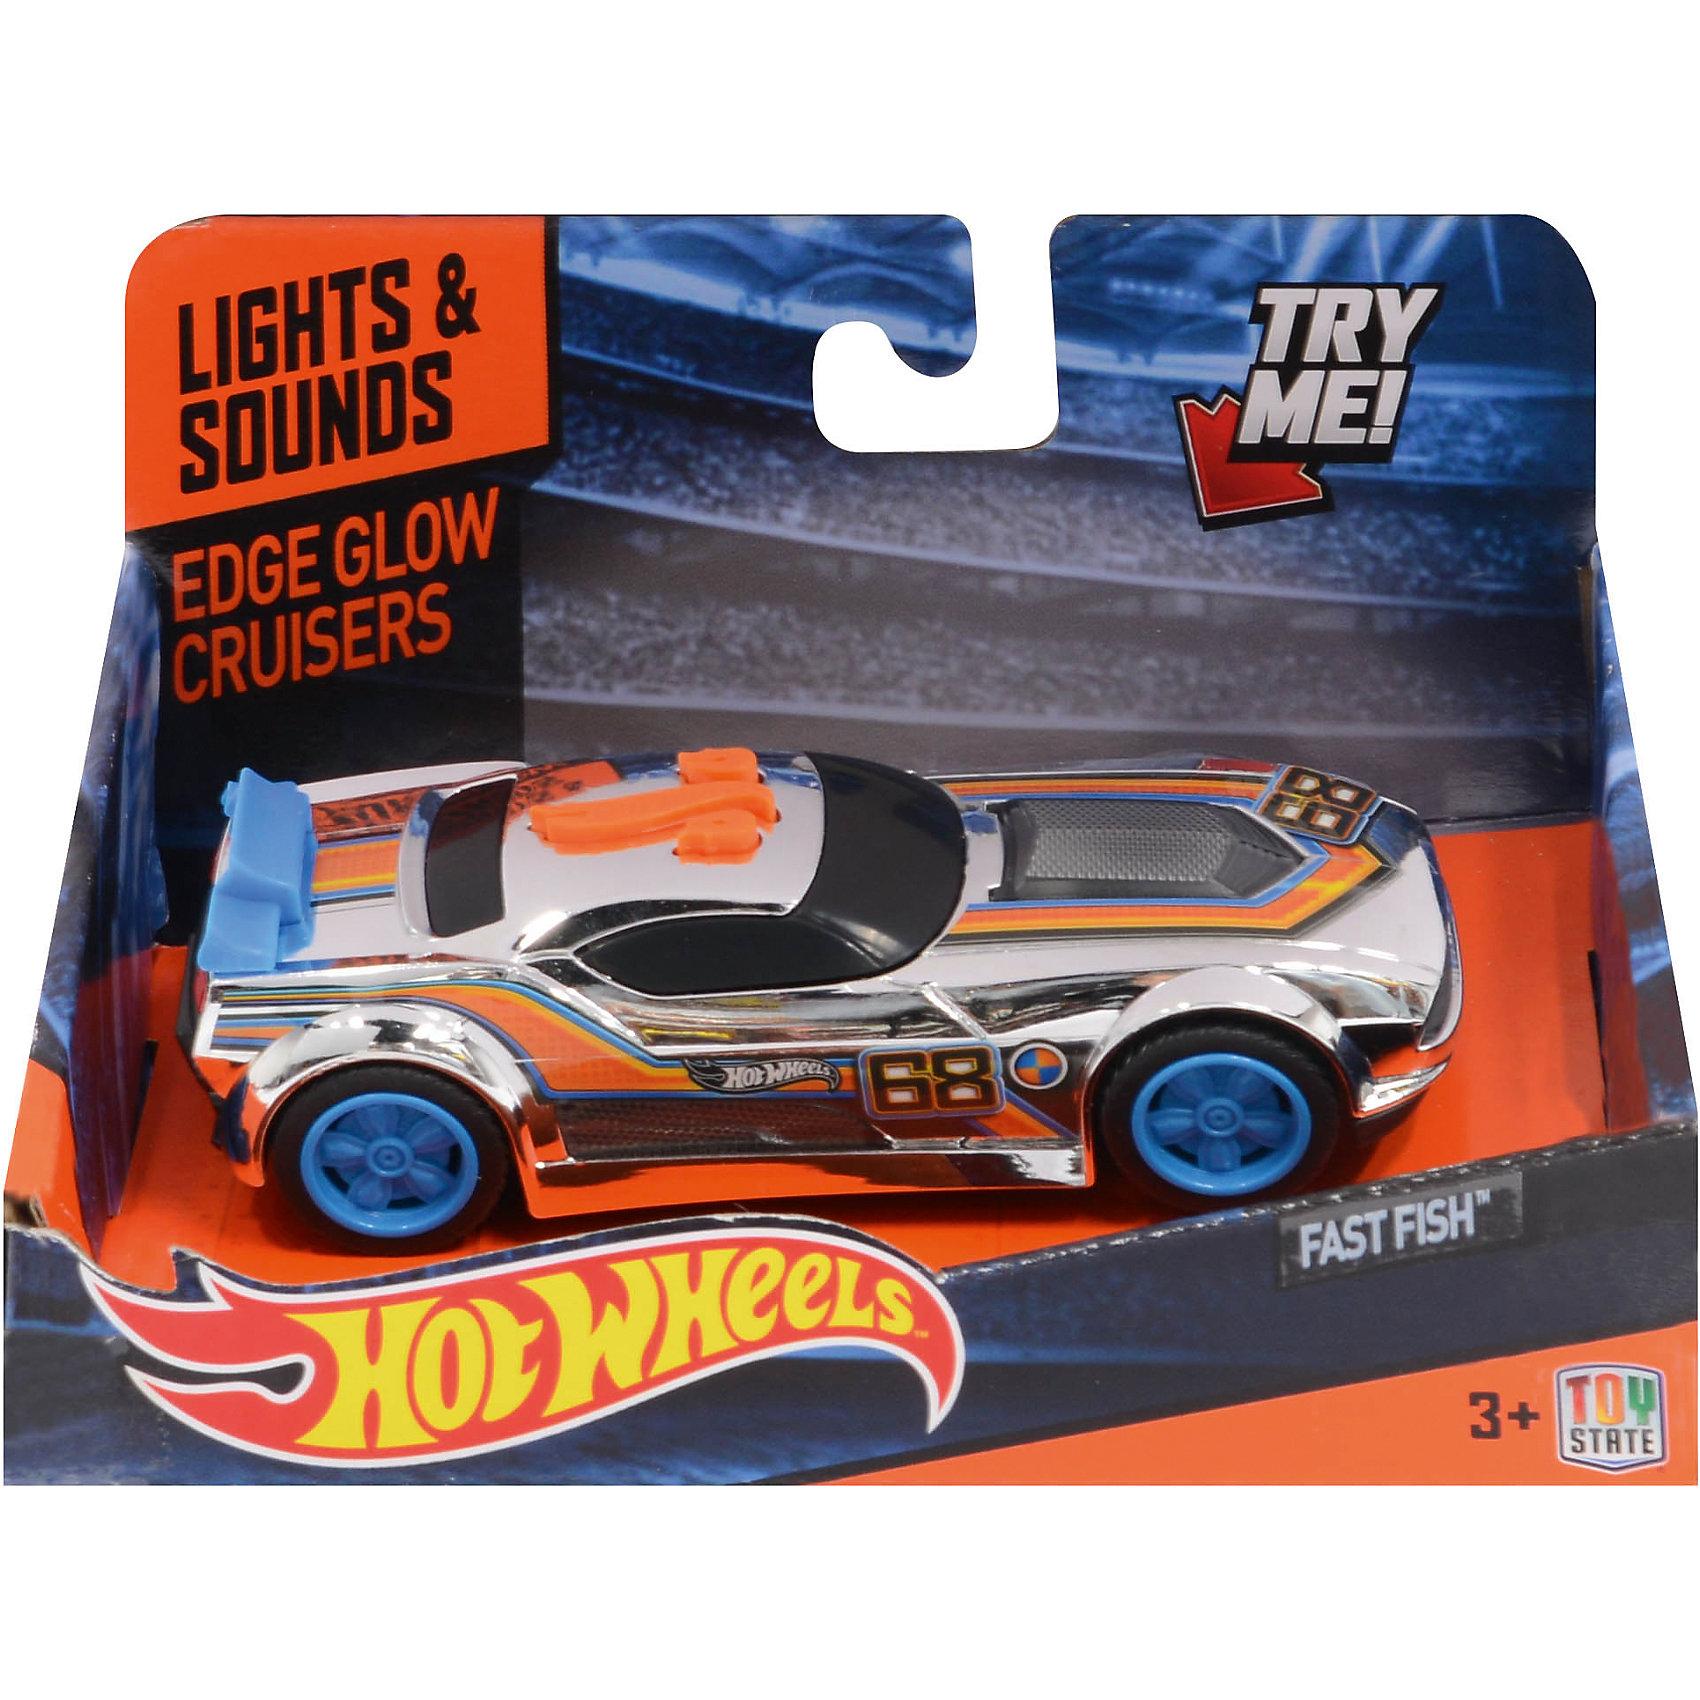 Машинка Edge Glow Cruiser - Fash Fish (свет звук), 13,5 см, Hot WheelsПопулярные игрушки<br>Характеристики товара:<br><br>- цвет: разноцветный;<br>- материал: пластик, металл;<br>- особенности: на батарейках, со звуковыми и световыми эффектами;<br>- вес: 160 г;<br>- размер упаковки: 9х13х18;<br>- батарейки: демонстрационные в комплекте;<br>- размер машинки: 13,5 см.<br><br>Какой мальчишка откажется поиграть с коллекционной машинкой Hot Wheels, которая выглядит как настоящая?! Машинка очень эффектно смотрится, она запускается нажатием кнопки. Игрушка отлично детализирована, очень качественно выполнена, поэтому она станет отличным подарком ребенку. Продается в красивой упаковке.<br>Изделия произведены из высококачественного материала, безопасного для детей.<br><br>Машинку Голубой спойлер Hot Wheels можно купить в нашем интернет-магазине.<br><br>Ширина мм: 89<br>Глубина мм: 127<br>Высота мм: 158<br>Вес г: 166<br>Возраст от месяцев: 36<br>Возраст до месяцев: 2147483647<br>Пол: Мужской<br>Возраст: Детский<br>SKU: 5066721